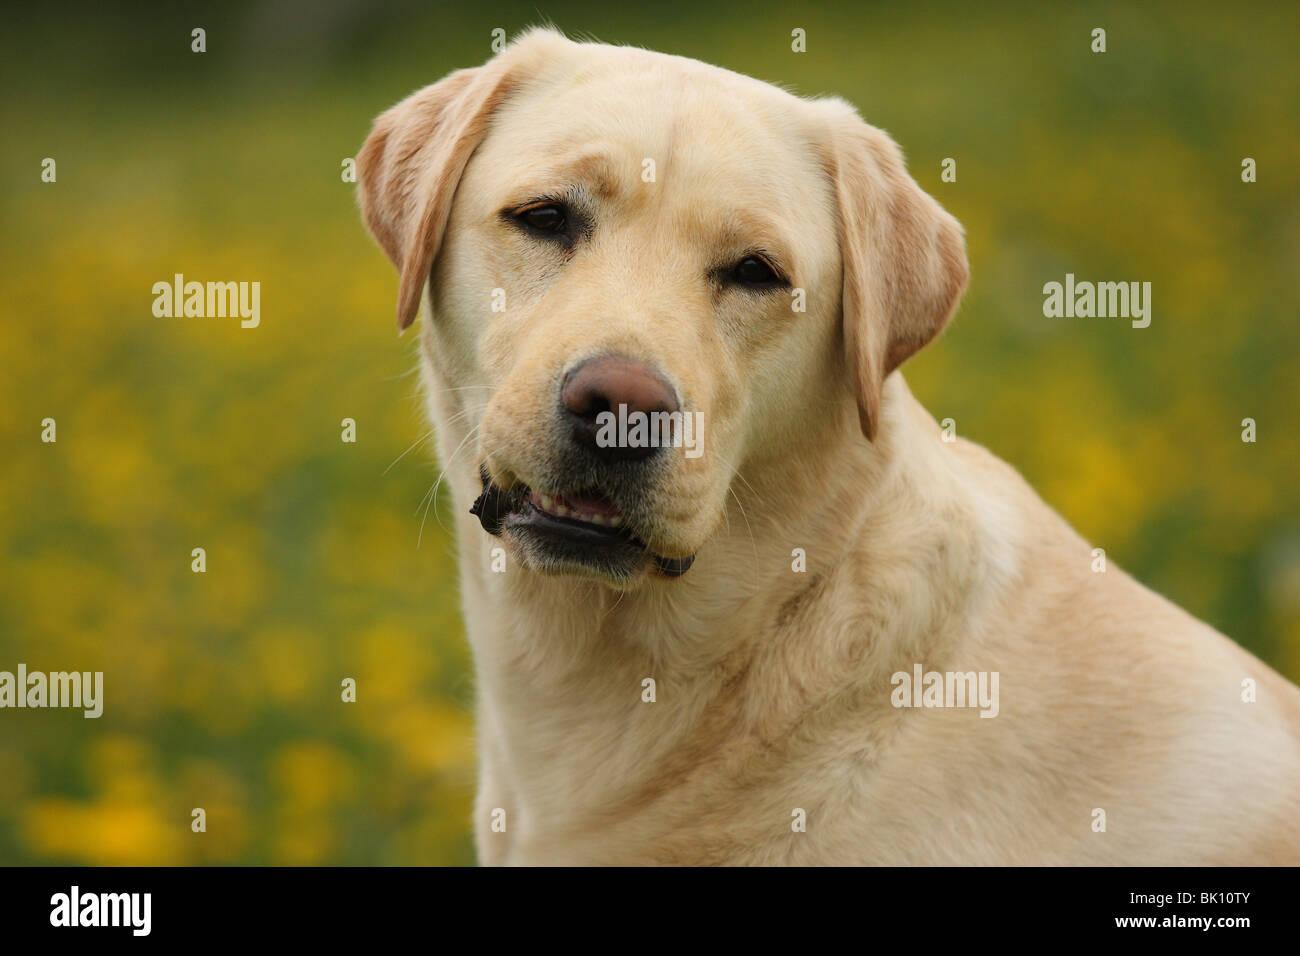 blonde Labrador Retriever - Stock Image